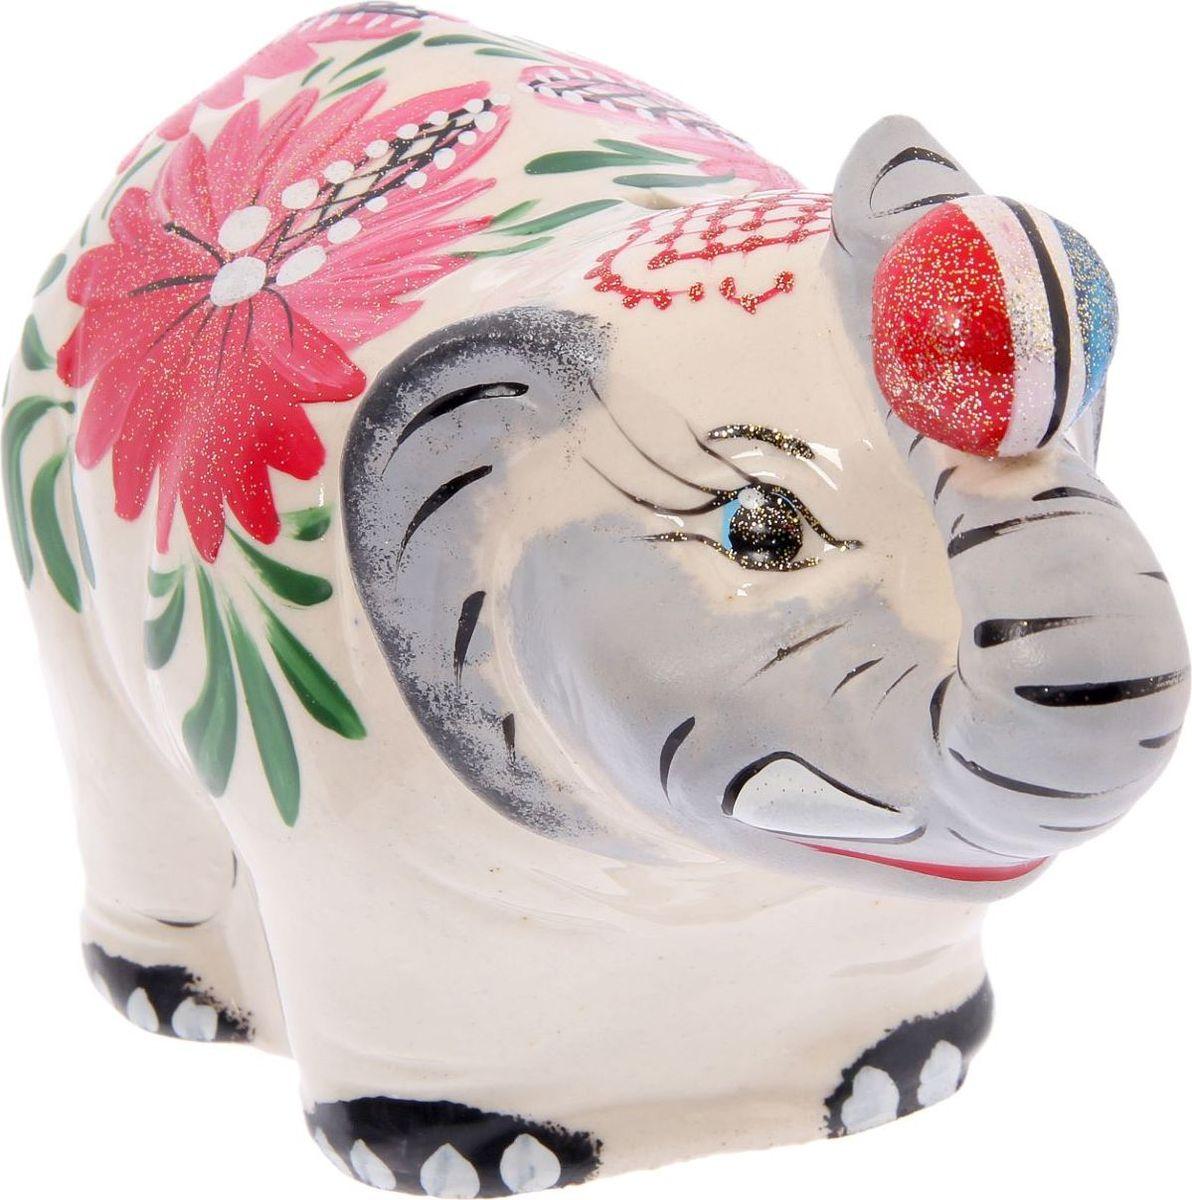 Копилка Керамика ручной работы Слон большой, 21 х 10 х 12 см2116416Копилка — универсальный вариант подарка любому человеку, ведь каждый из нас мечтает о какой-то дорогостоящей вещи и откладывает или собирается откладывать деньги на её приобретение. Вместительная копилка станет прекрасным хранителем сбережений и украшением интерьера. Она выглядит так ярко и эффектно, что проходя мимо, обязательно захочется забросить пару монет. Обращаем ваше внимание, что копилка является одноразовой.